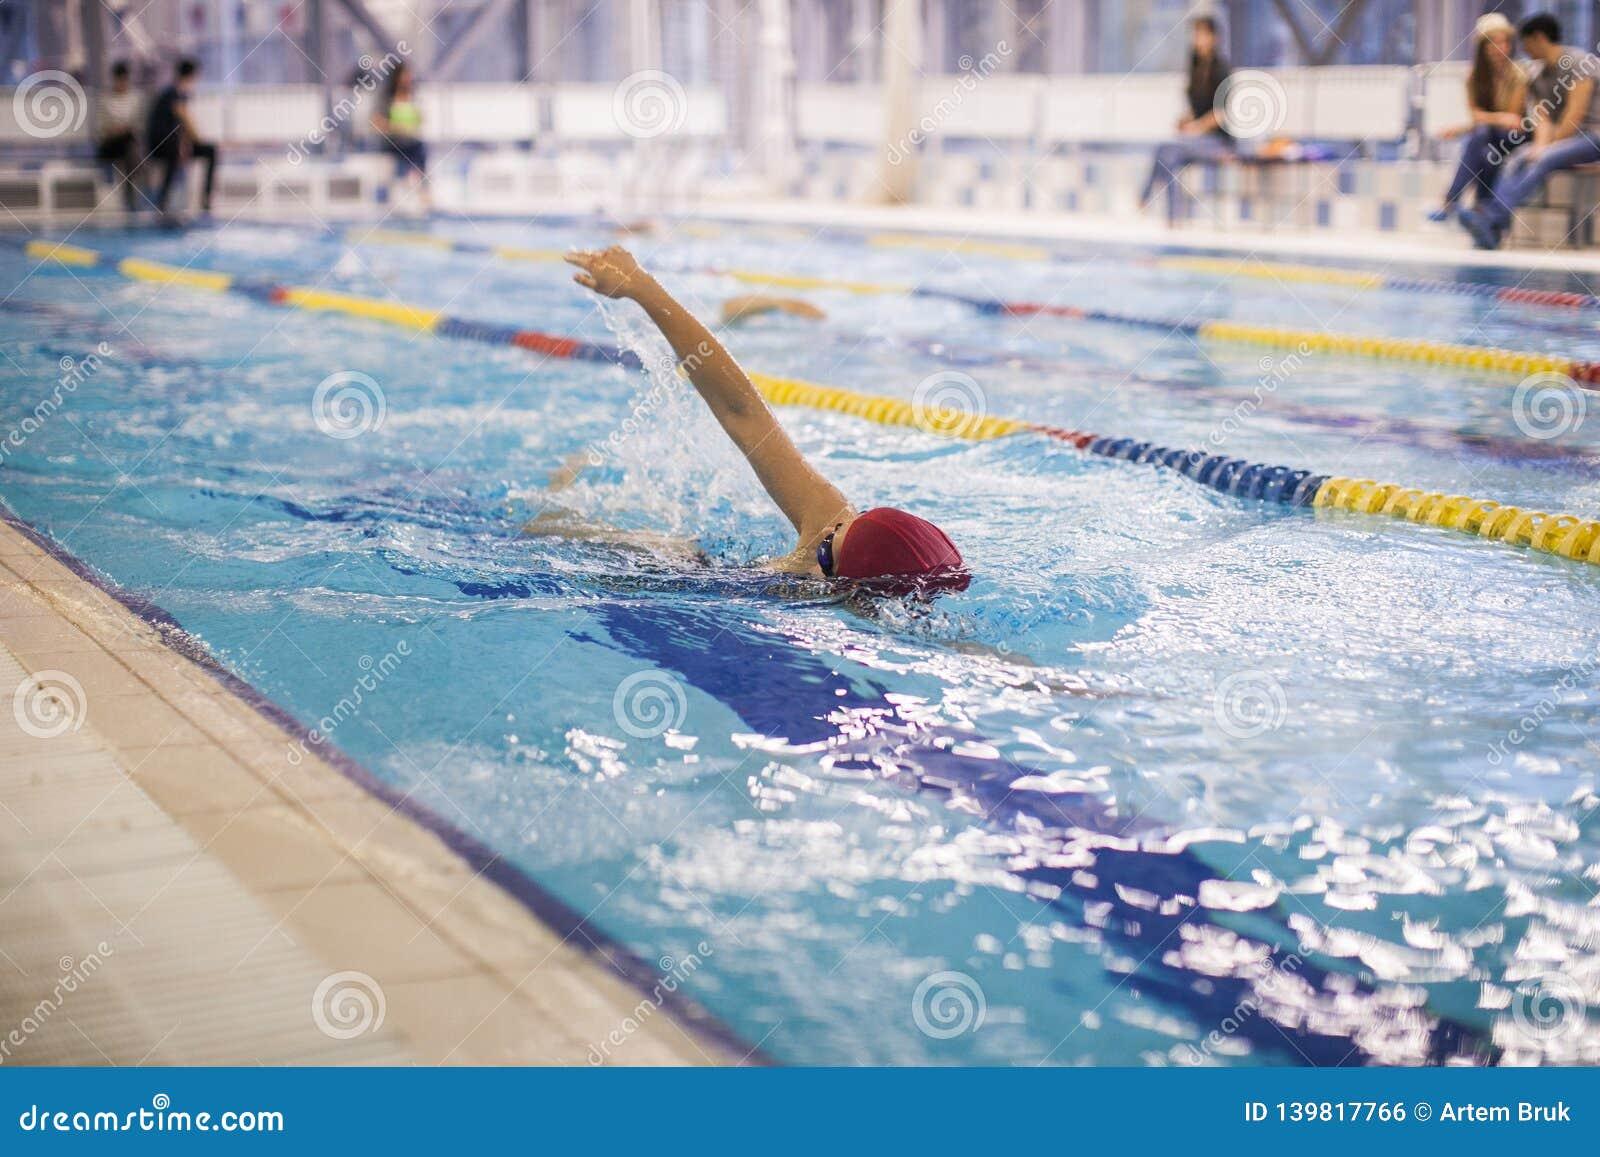 Ένας κολυμβητής που κολυμπά το μέτωπο σέρνεται σε μια λίμνη